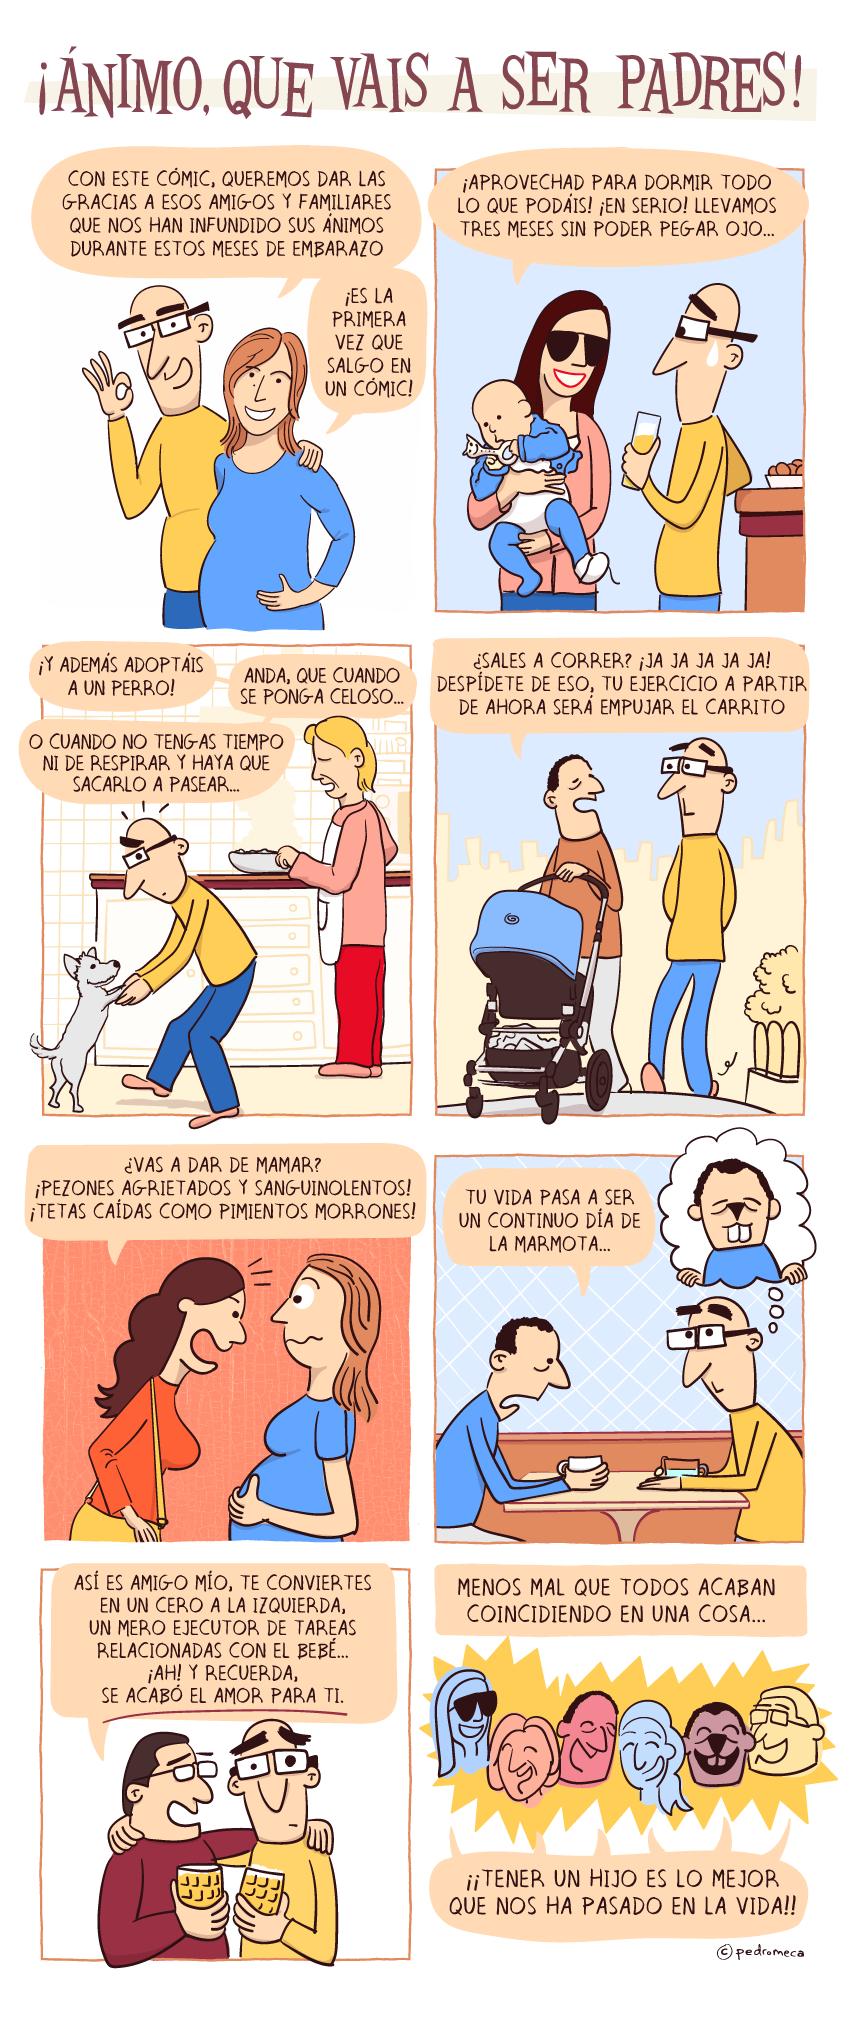 Ánimo, que vais a ser padres